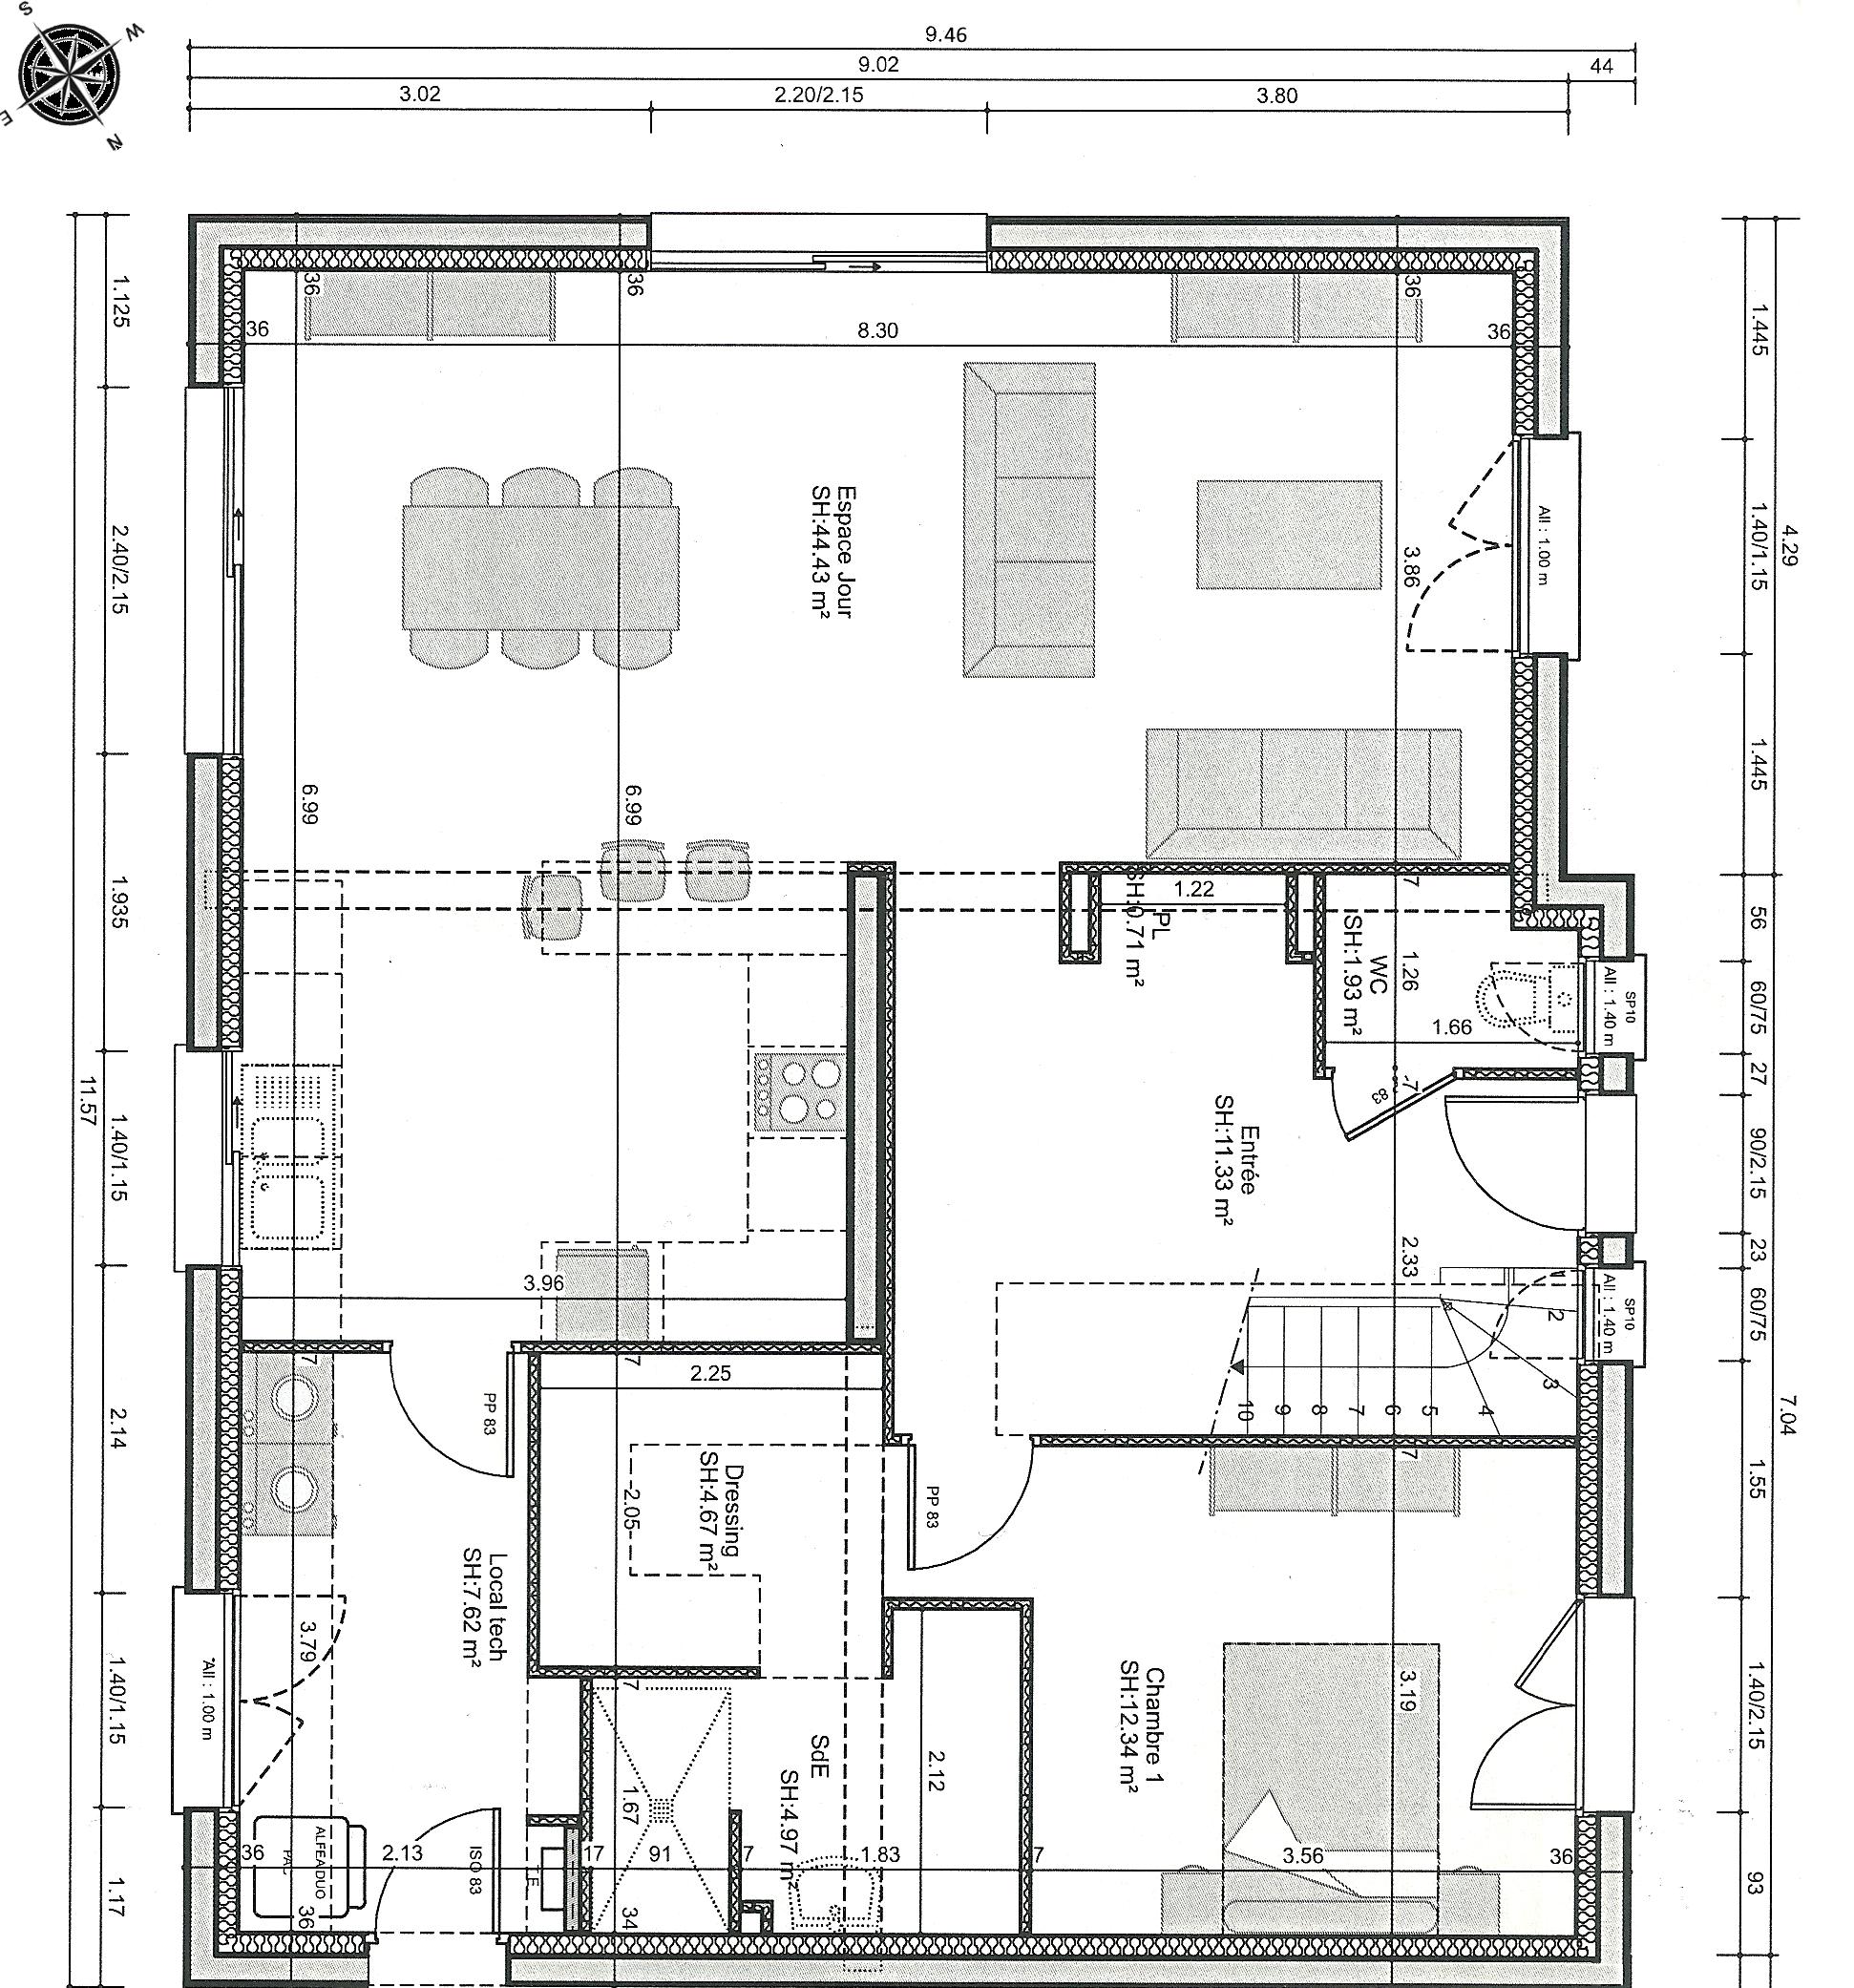 plan de maison r+1 avec garage